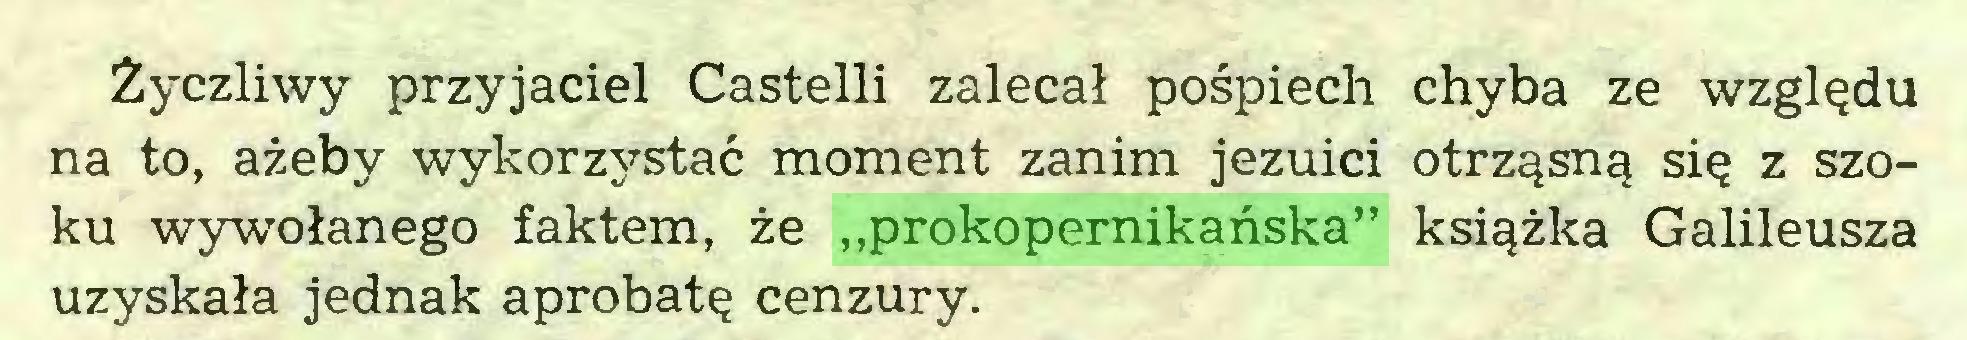 """(...) Życzliwy przyjaciel Castelli zalecał pośpiech chyba ze względu na to, ażeby wykorzystać moment zanim jezuici otrząsną się z Szoku wywołanego faktem, że """"prokopernikańska"""" książka Galileusza uzyskała jednak aprobatę cenzury..."""